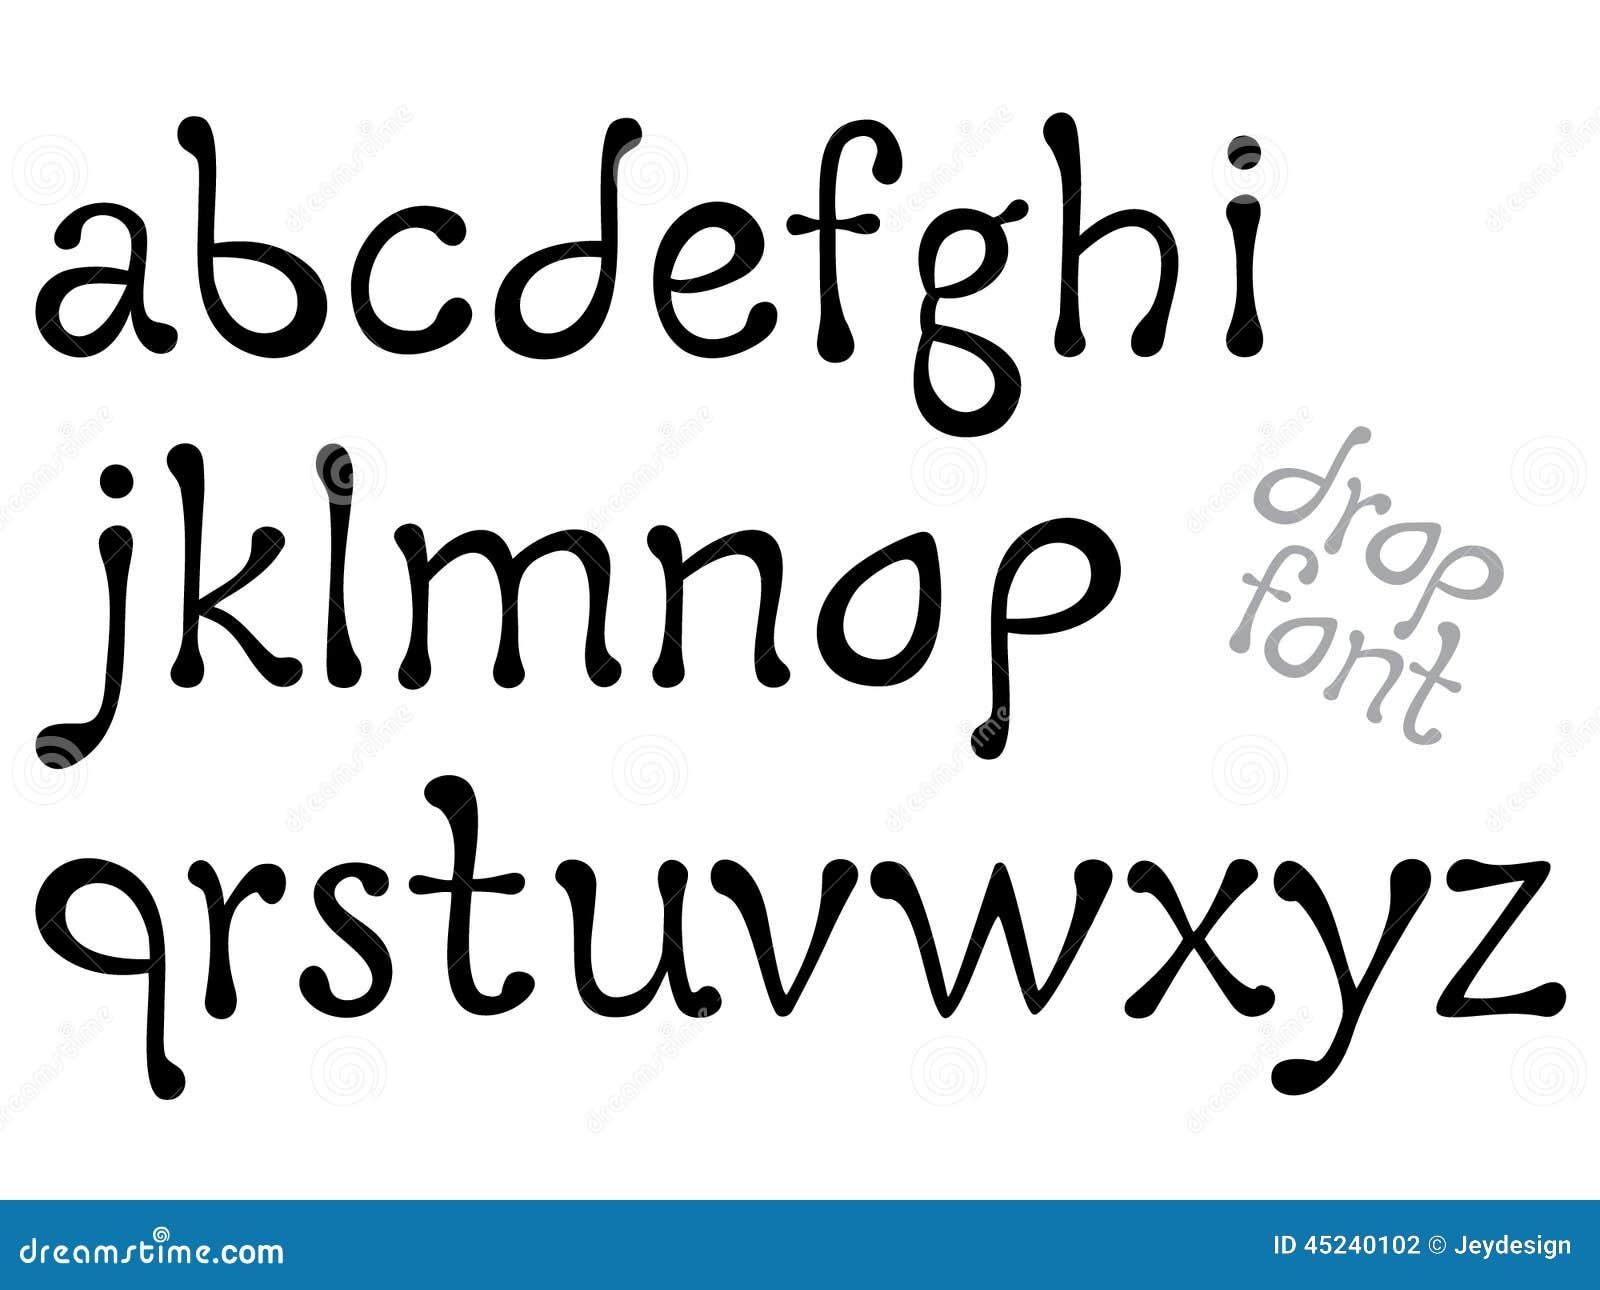 letras bonitas para decorar cuadernos abecedario